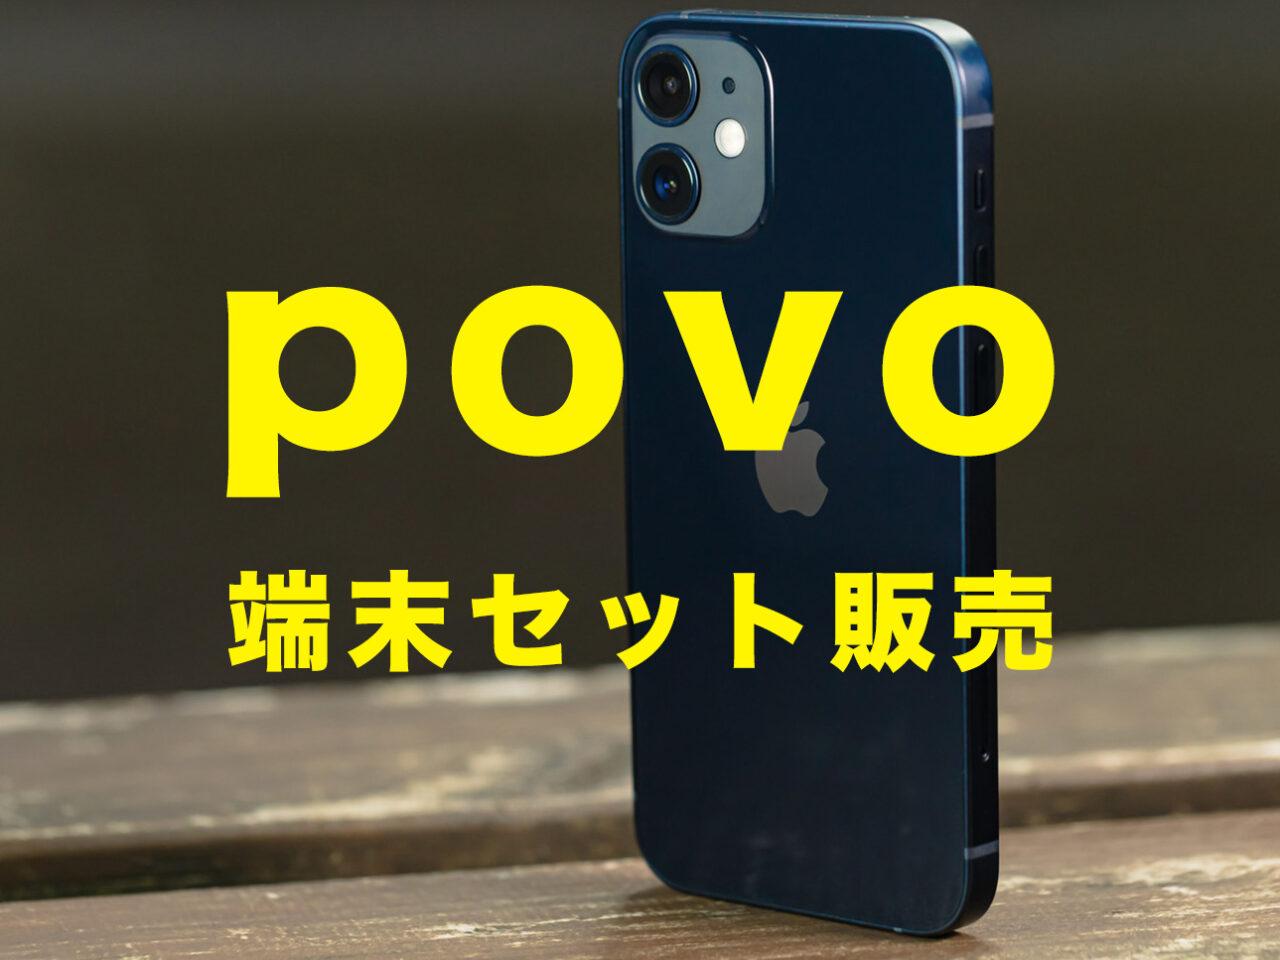 povo(ポヴォ)でセット販売のスマホ端末を購入できる?のサムネイル画像